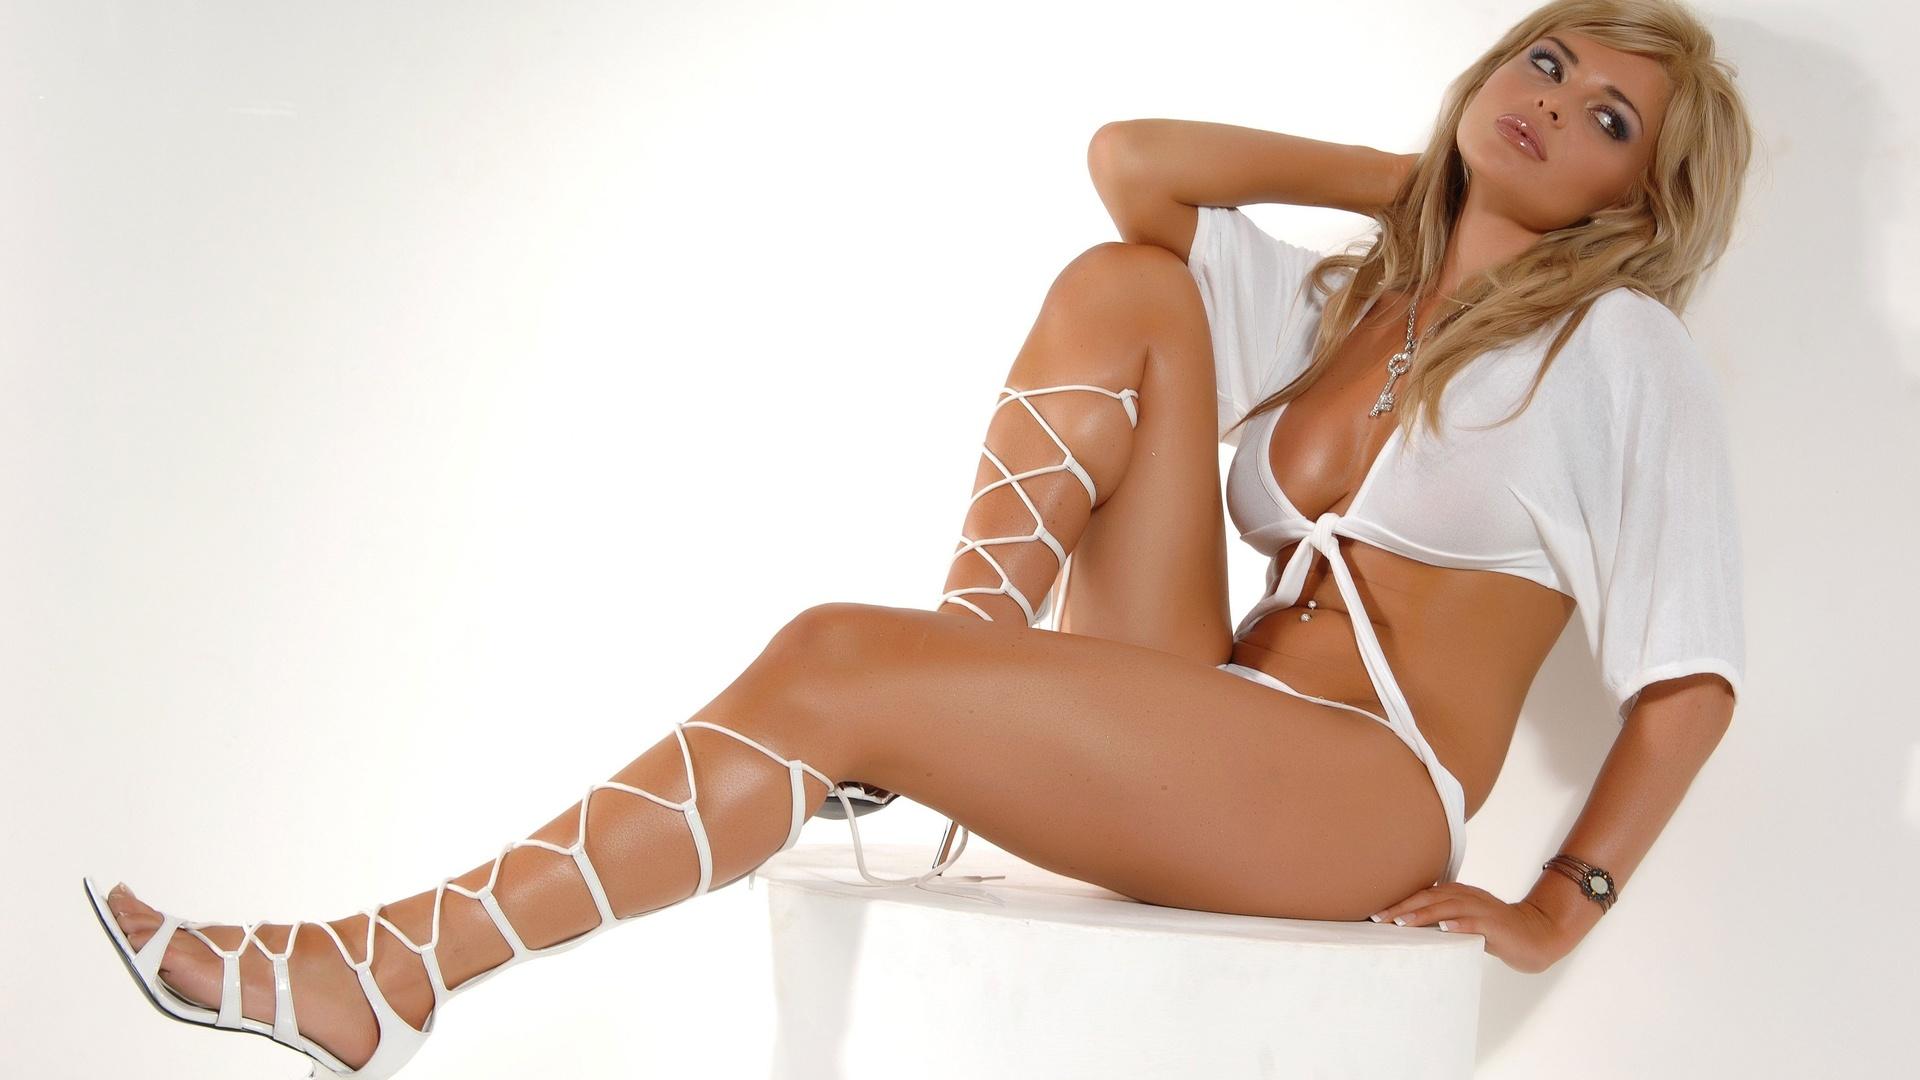 Фото категория сексуальные ножки, Голые ножки - красивые девушки с голыми ногами на фото 23 фотография